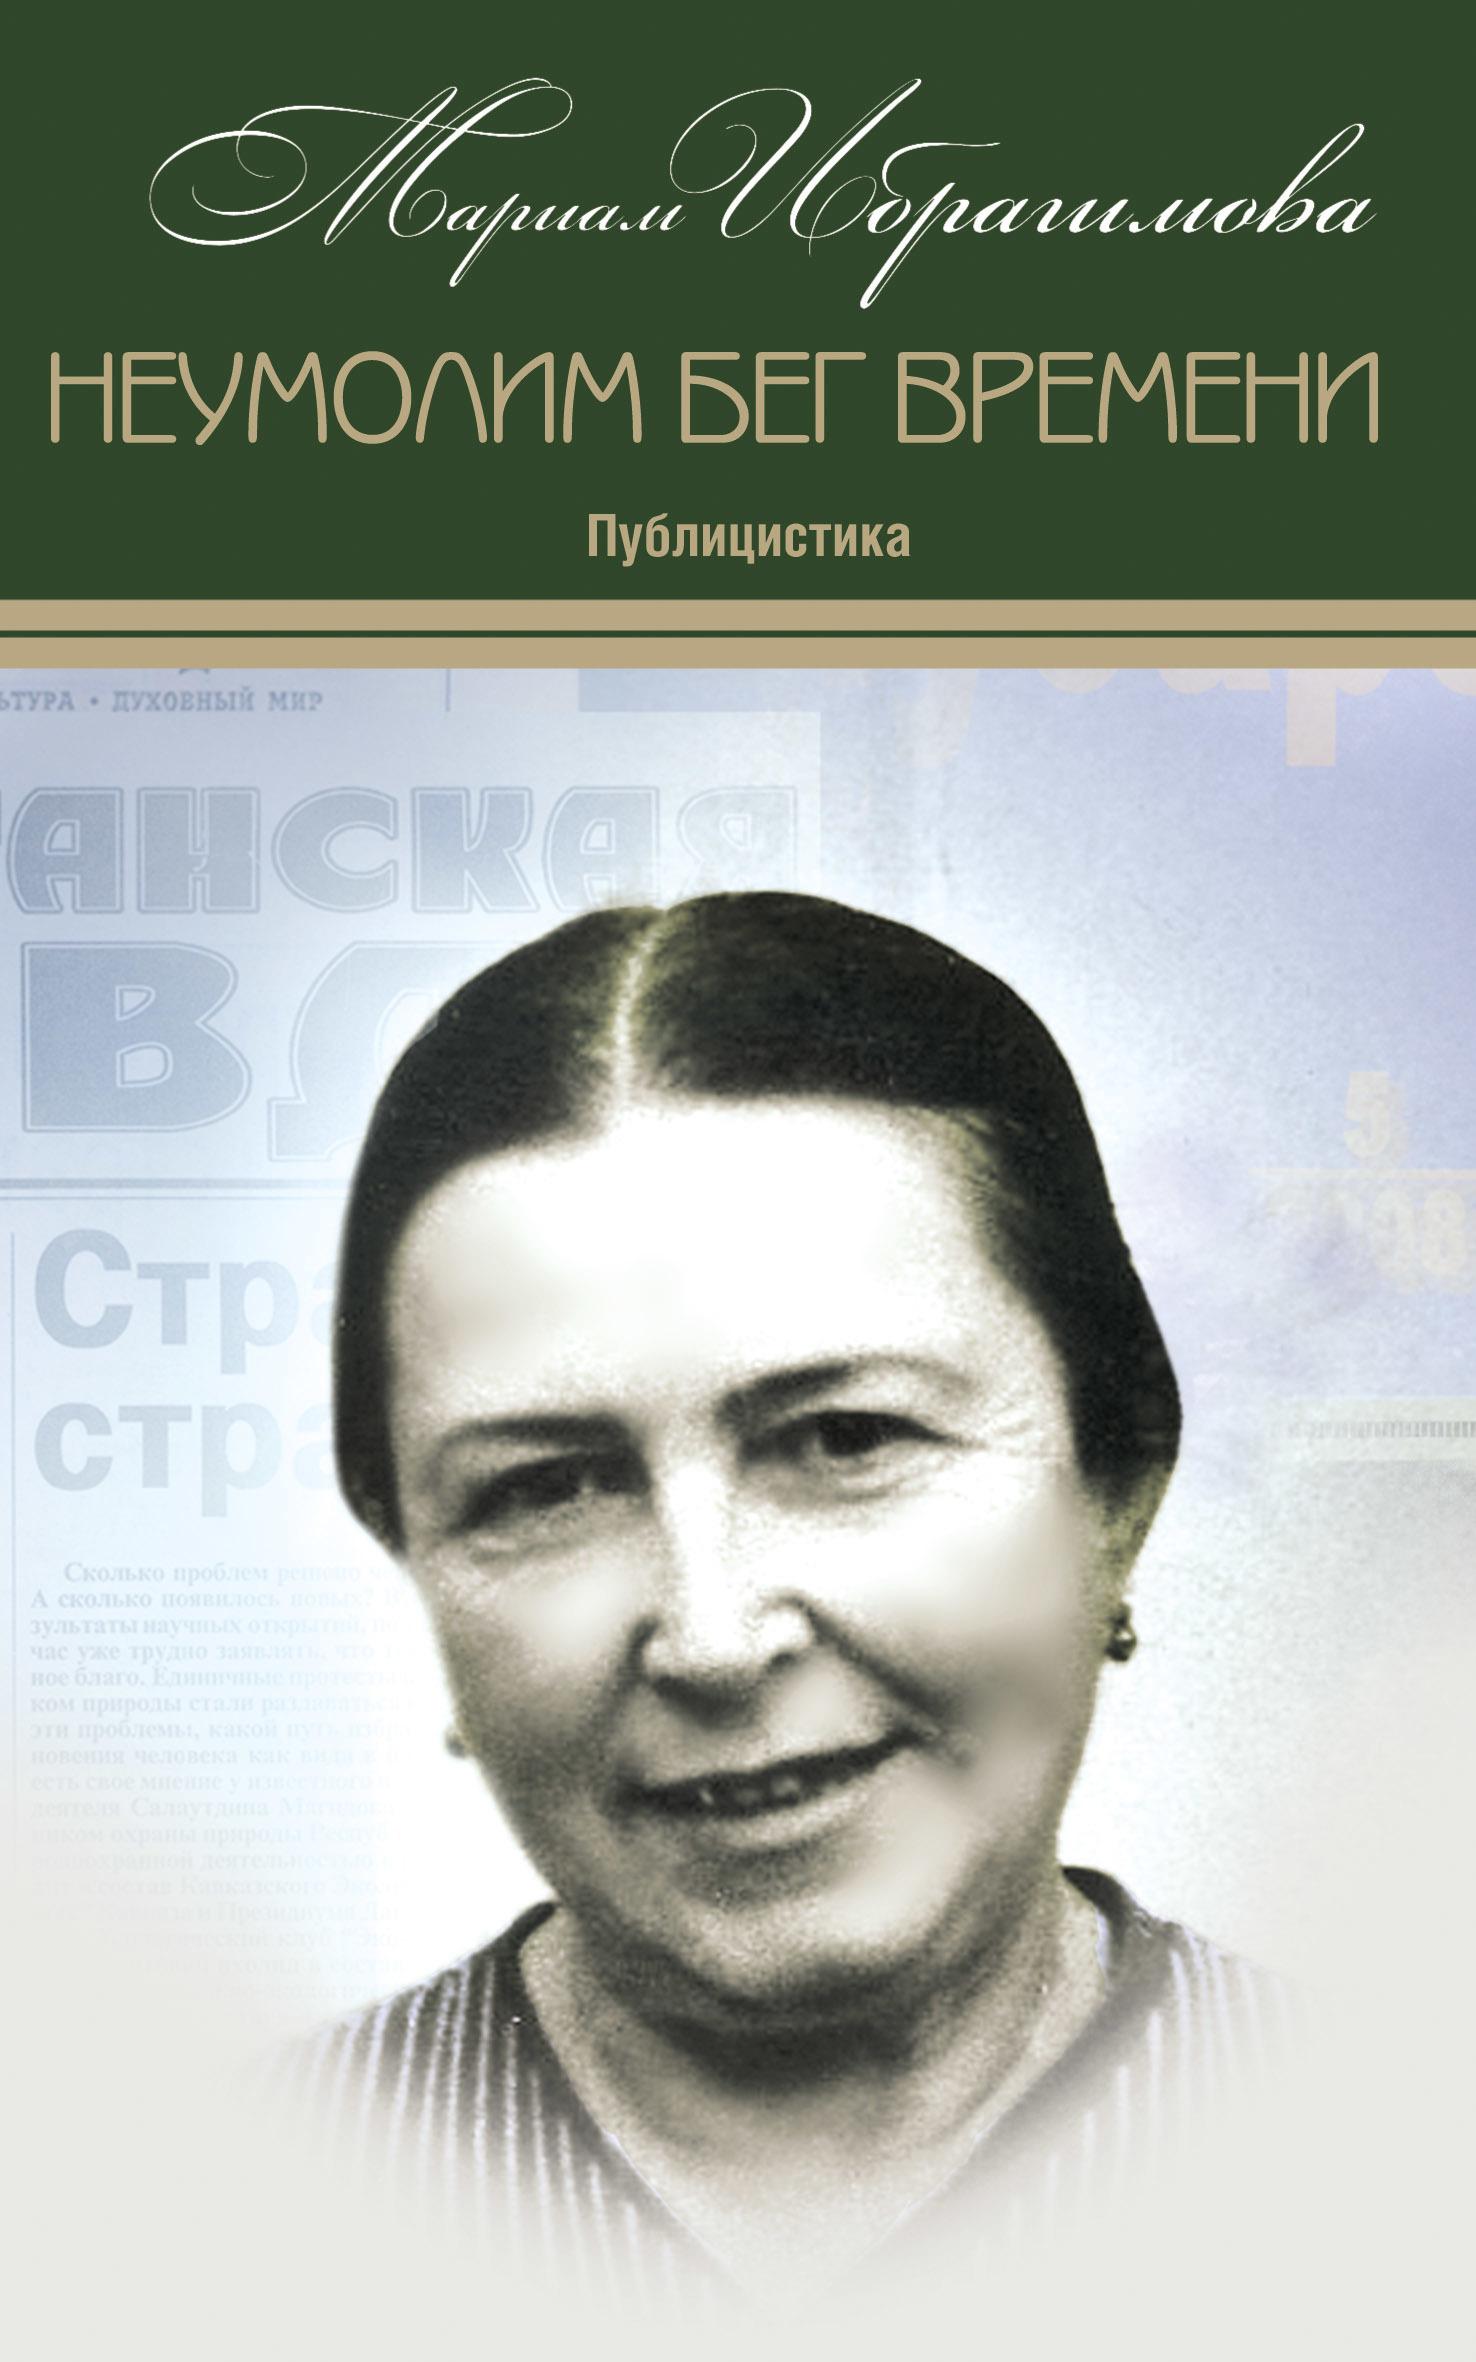 Книга притягивает взоры 38/96/89/38968954.bin.dir/38968954.cover.jpg обложка